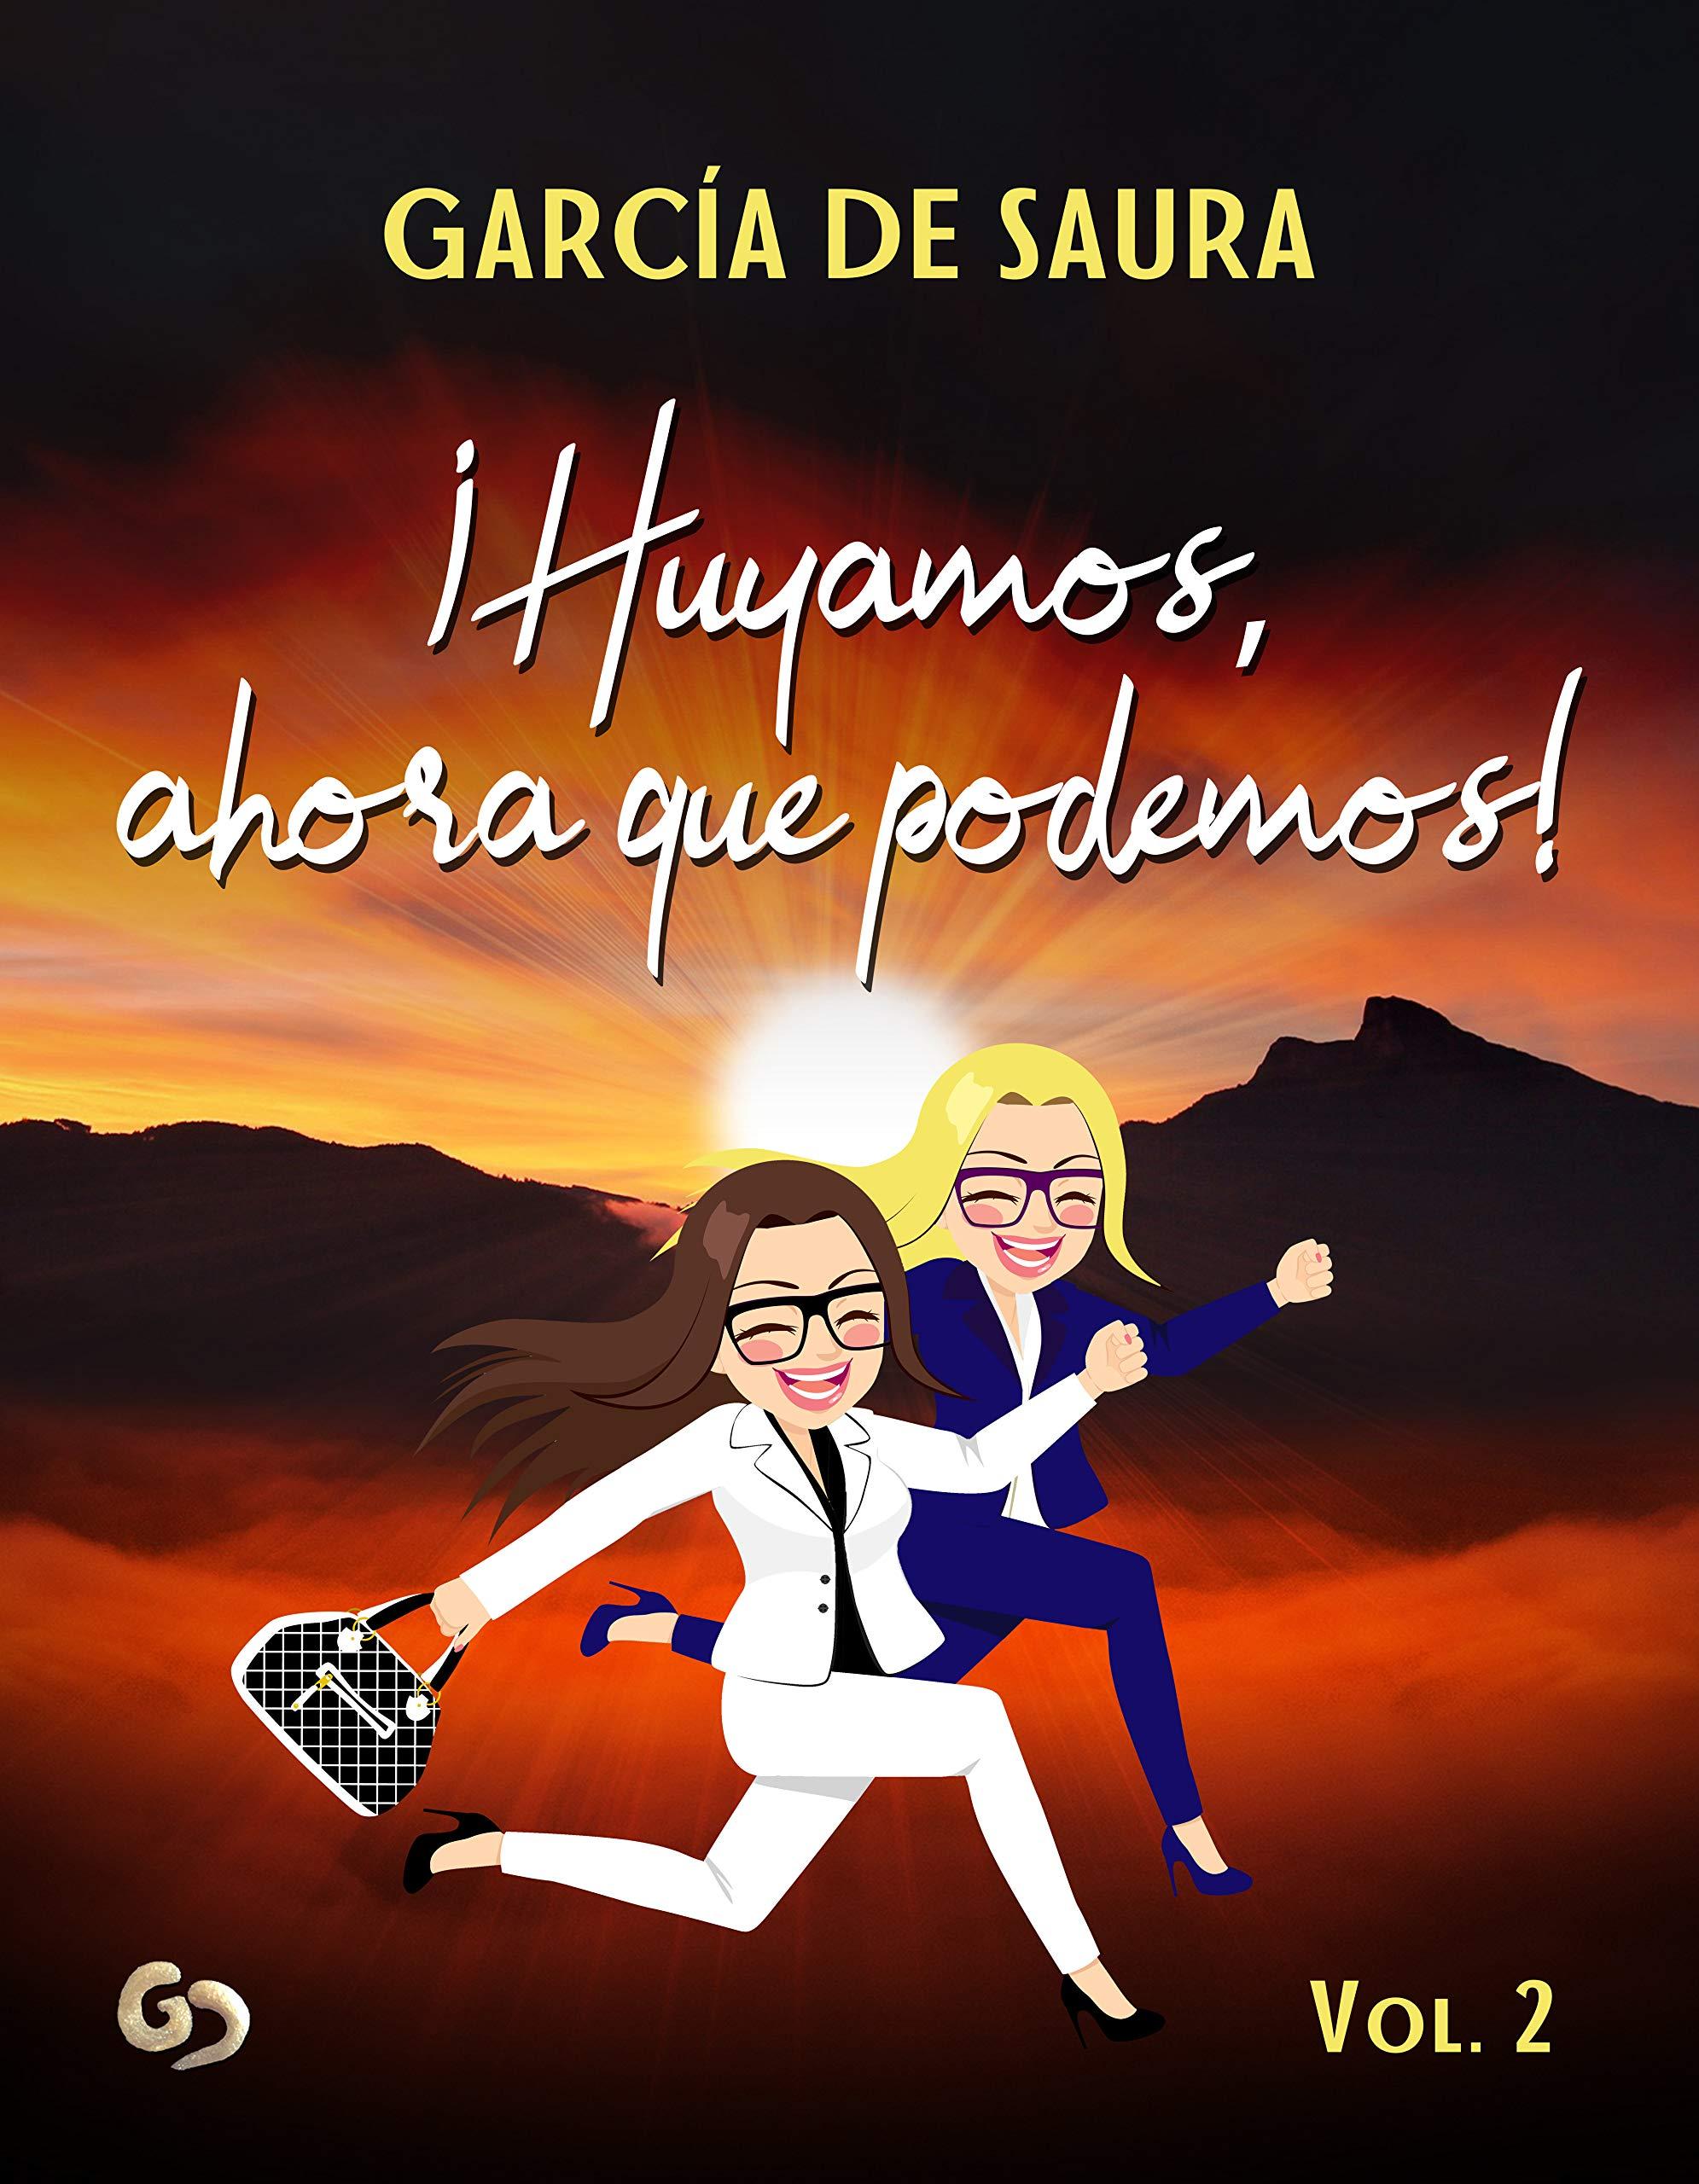 ¡Huyamos, ahora que podemos! (Volumen nº 2) por García de Saura